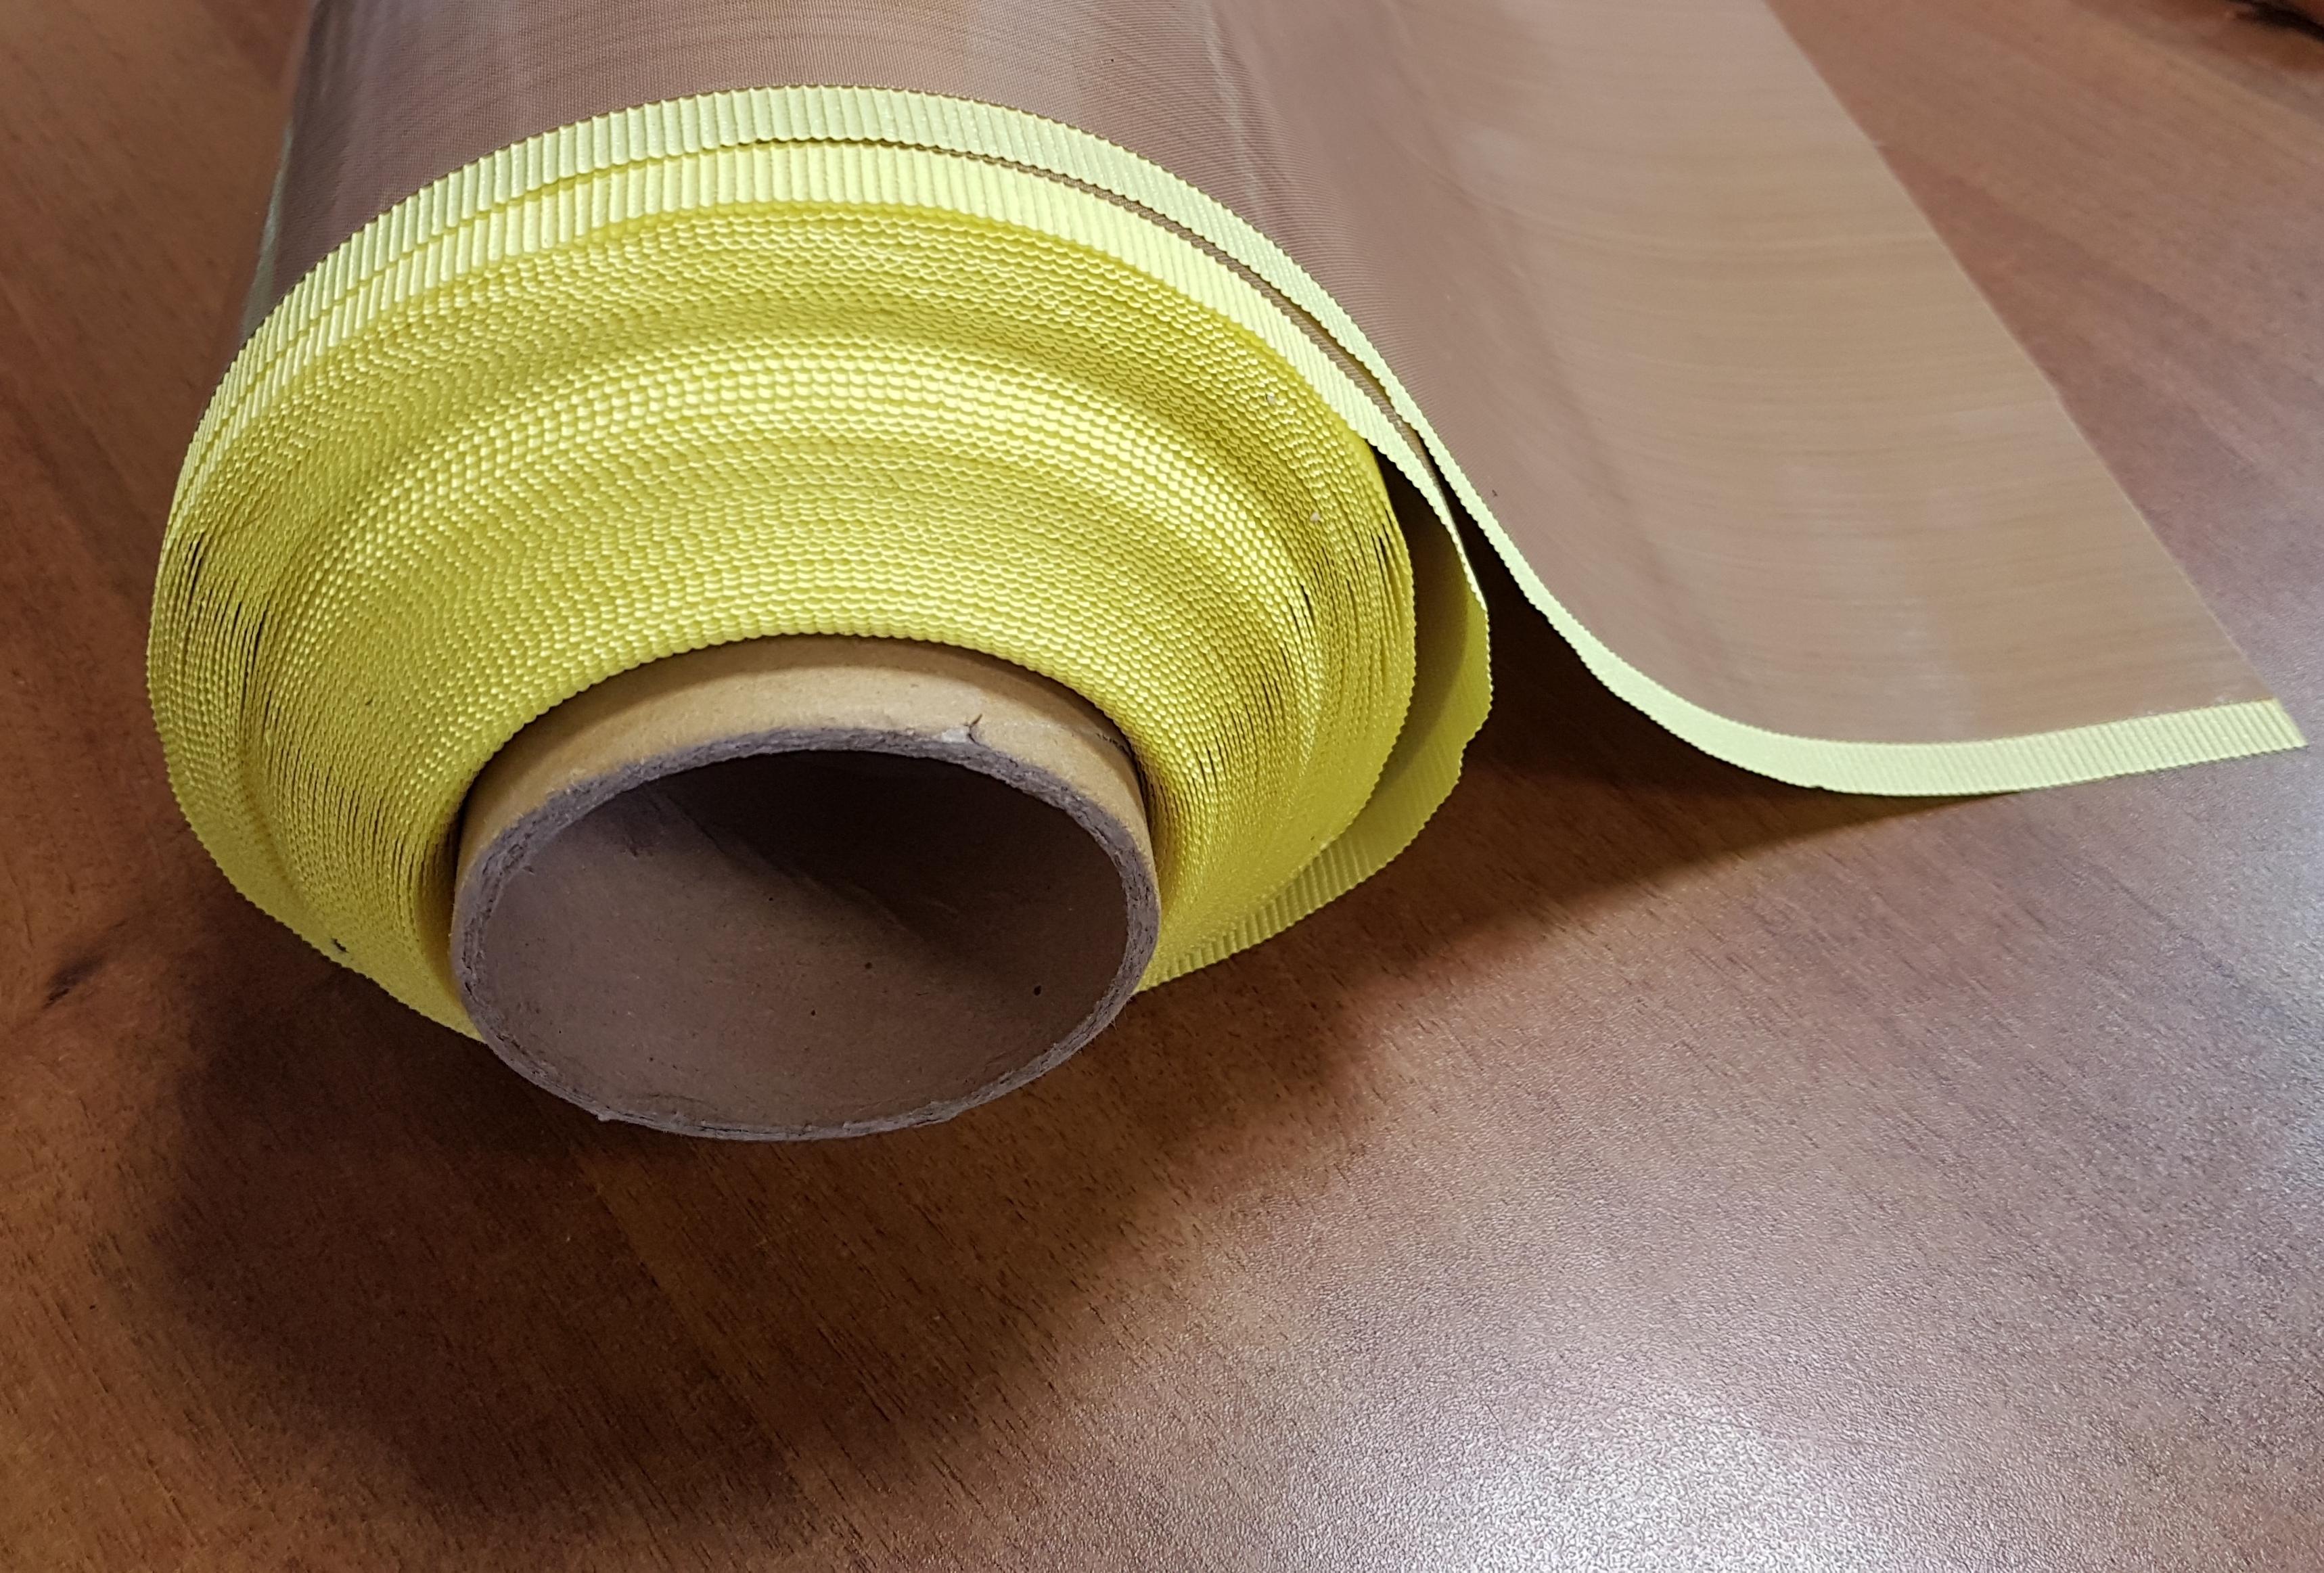 тефлоновые ленты FORFLON, тефлон для сварки, тефлон для выпечки, тефлоновый скотч, силиконовые коврики для выпечки